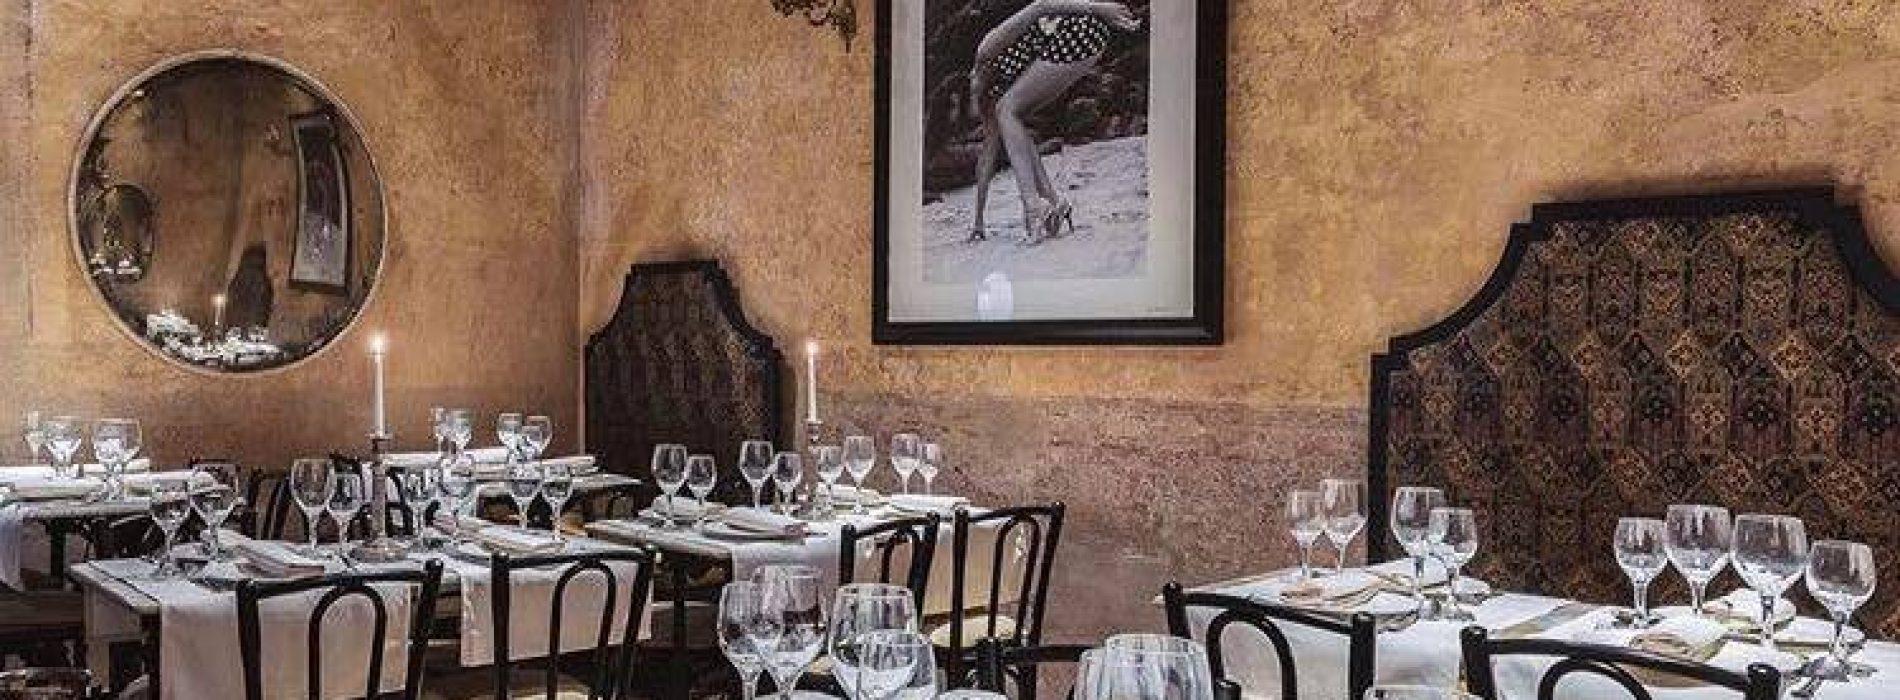 Camera con Vista Bologna, il nuovo bistrot con cocktail bar in piazza Santo Stefano